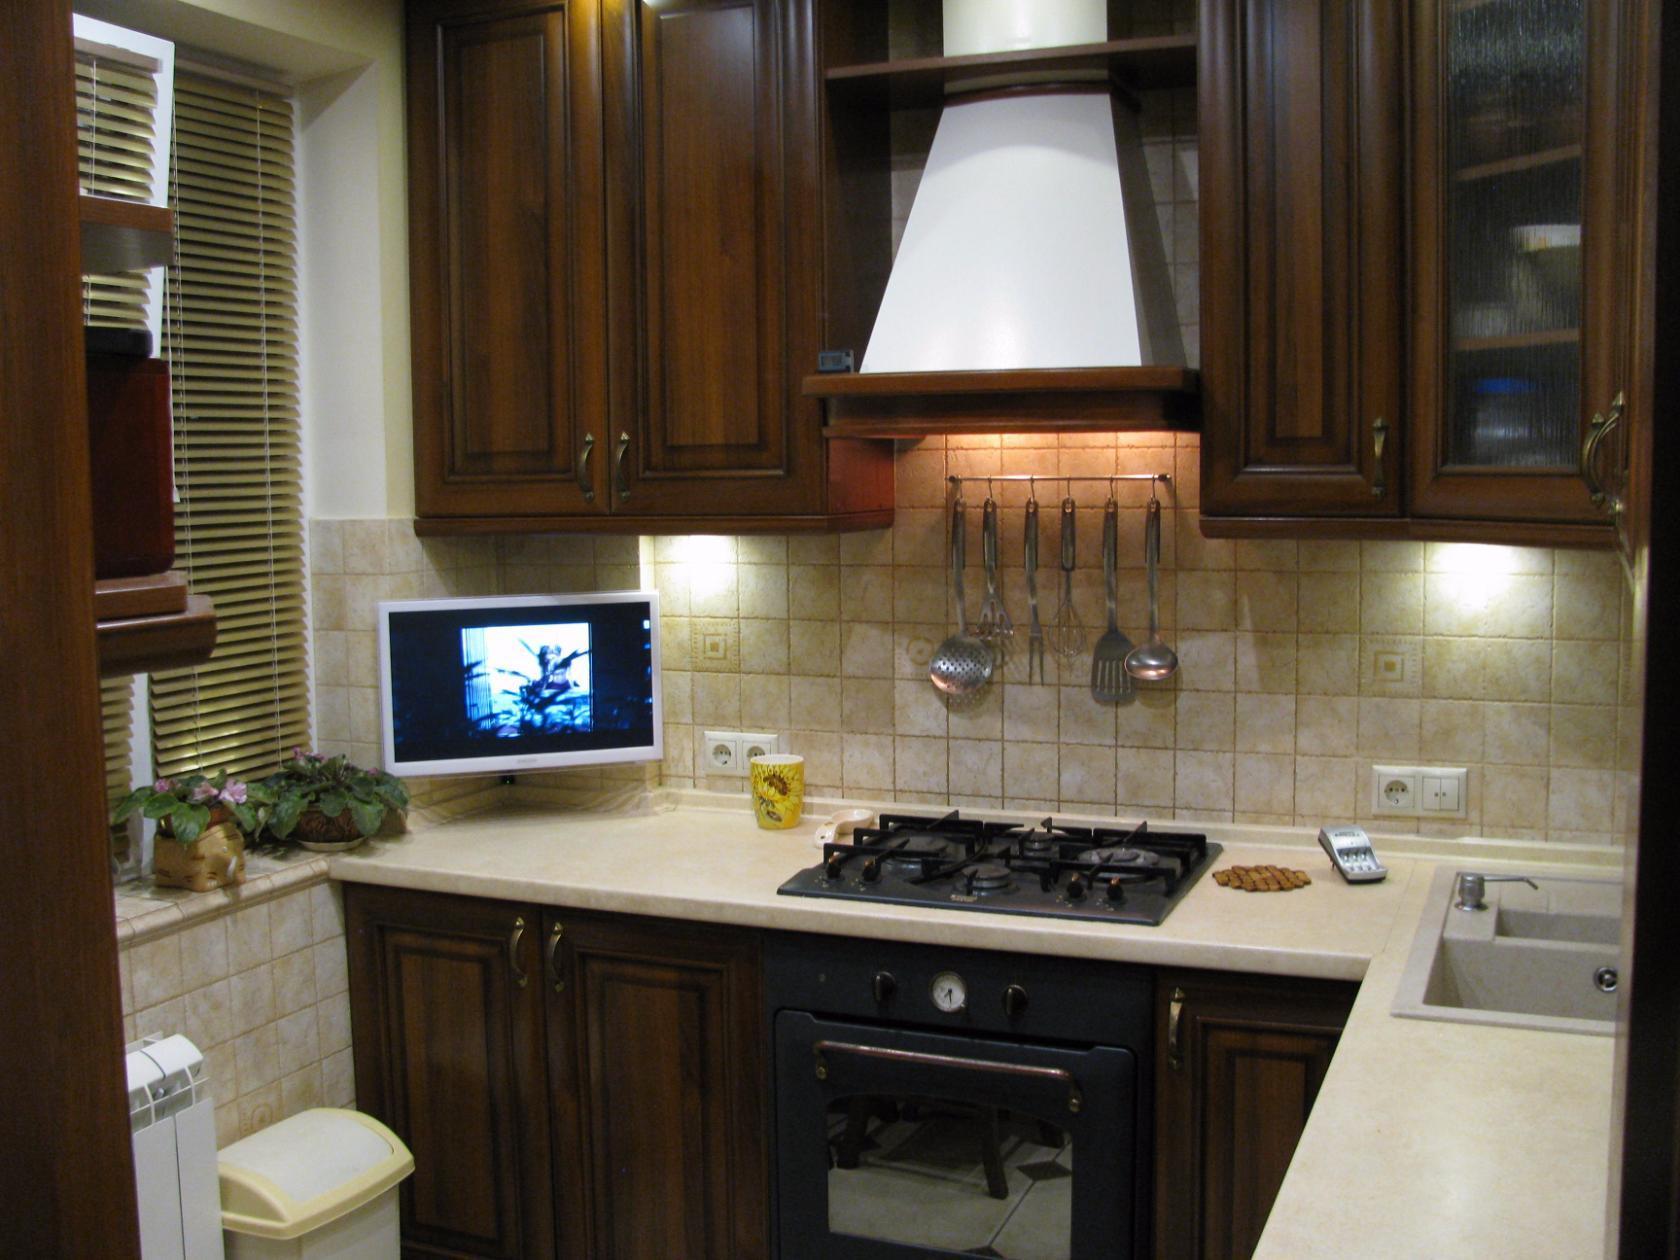 Планировка кухни: как правильно распланировать кухню (фото примеры)